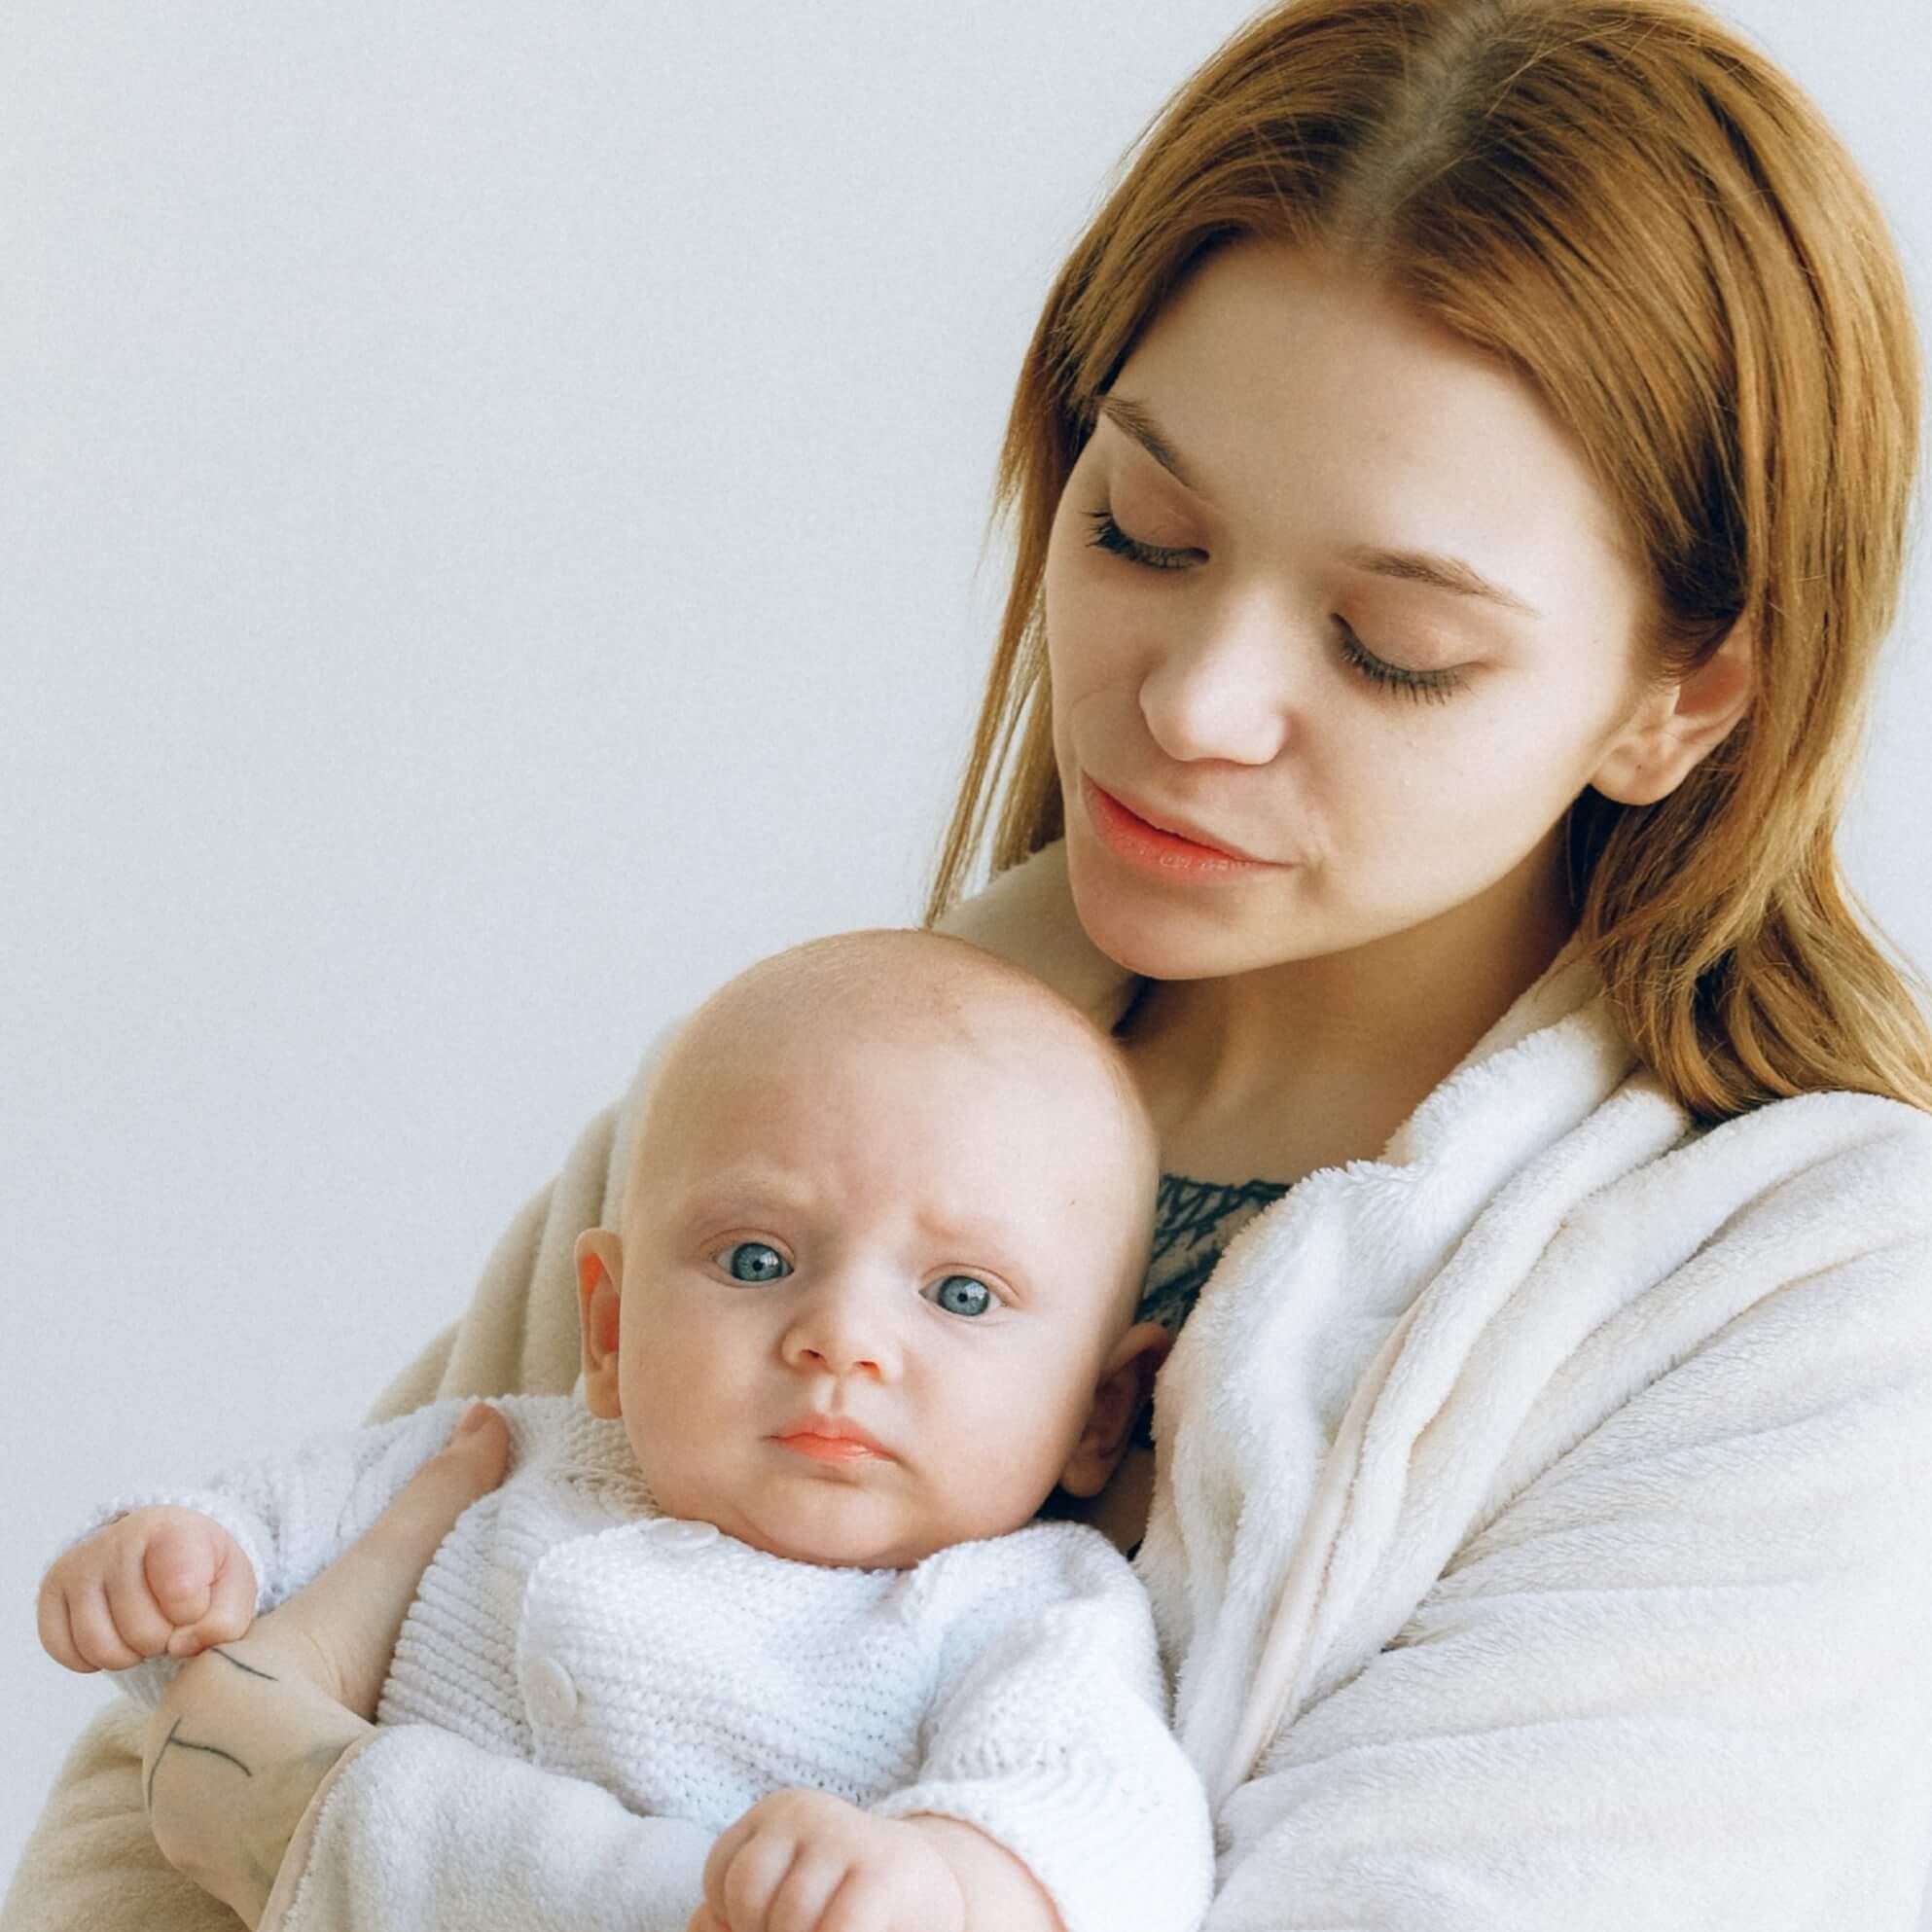 Doğum Sonrası Depresyon Nedir, belirtileri nelerdir